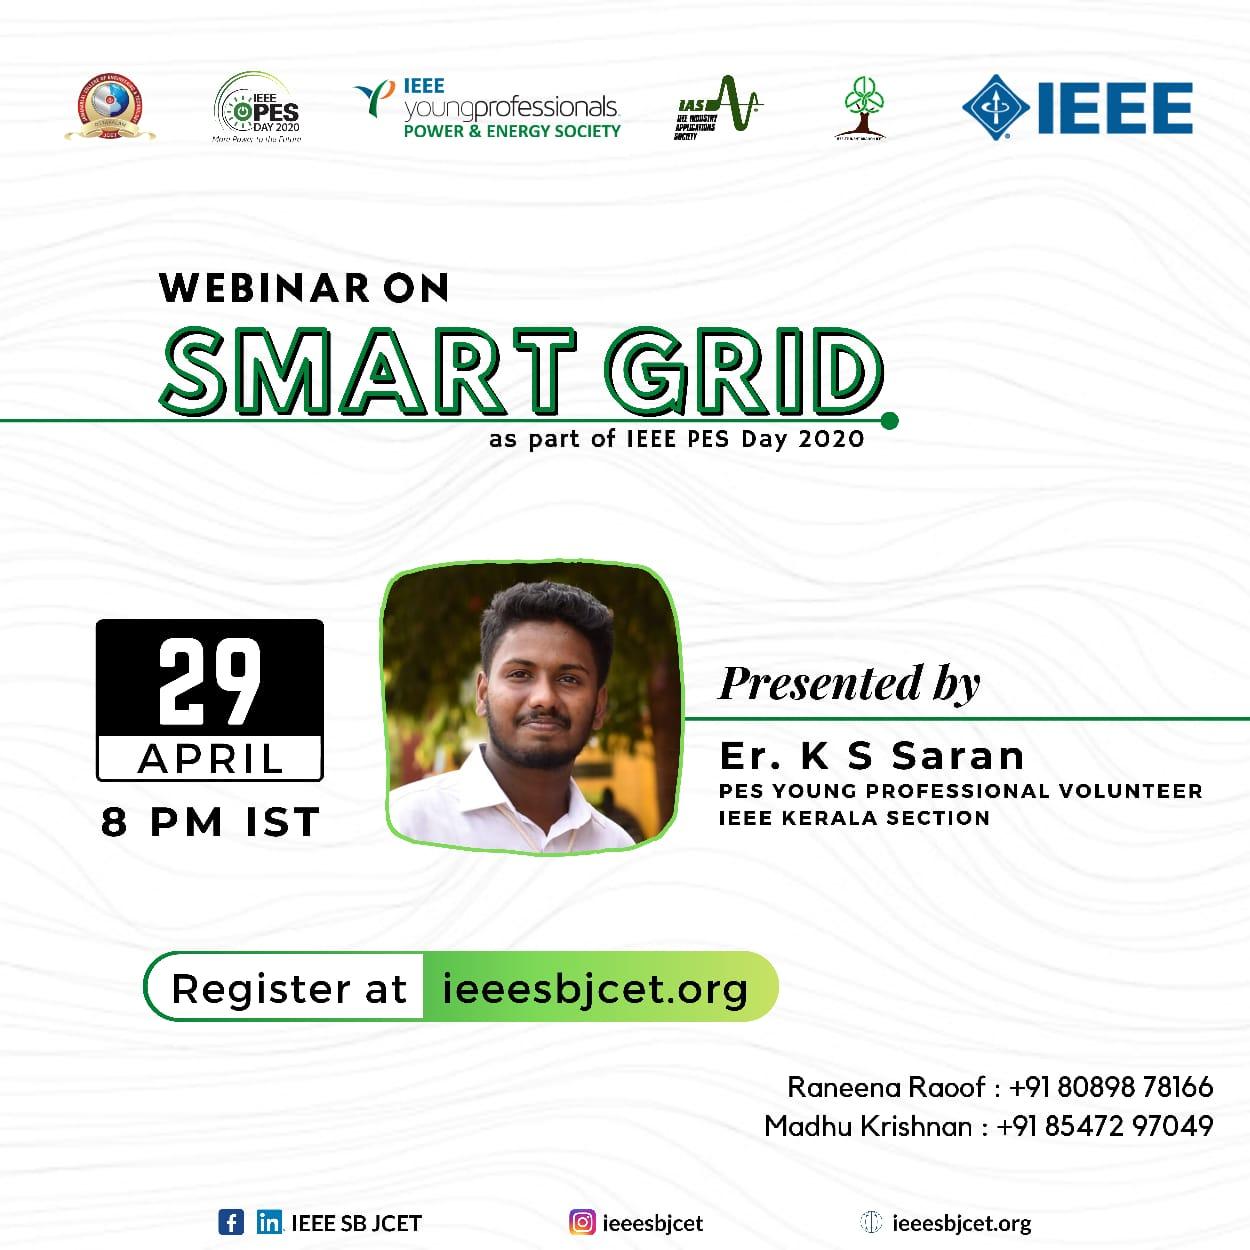 Smart Grid Poster